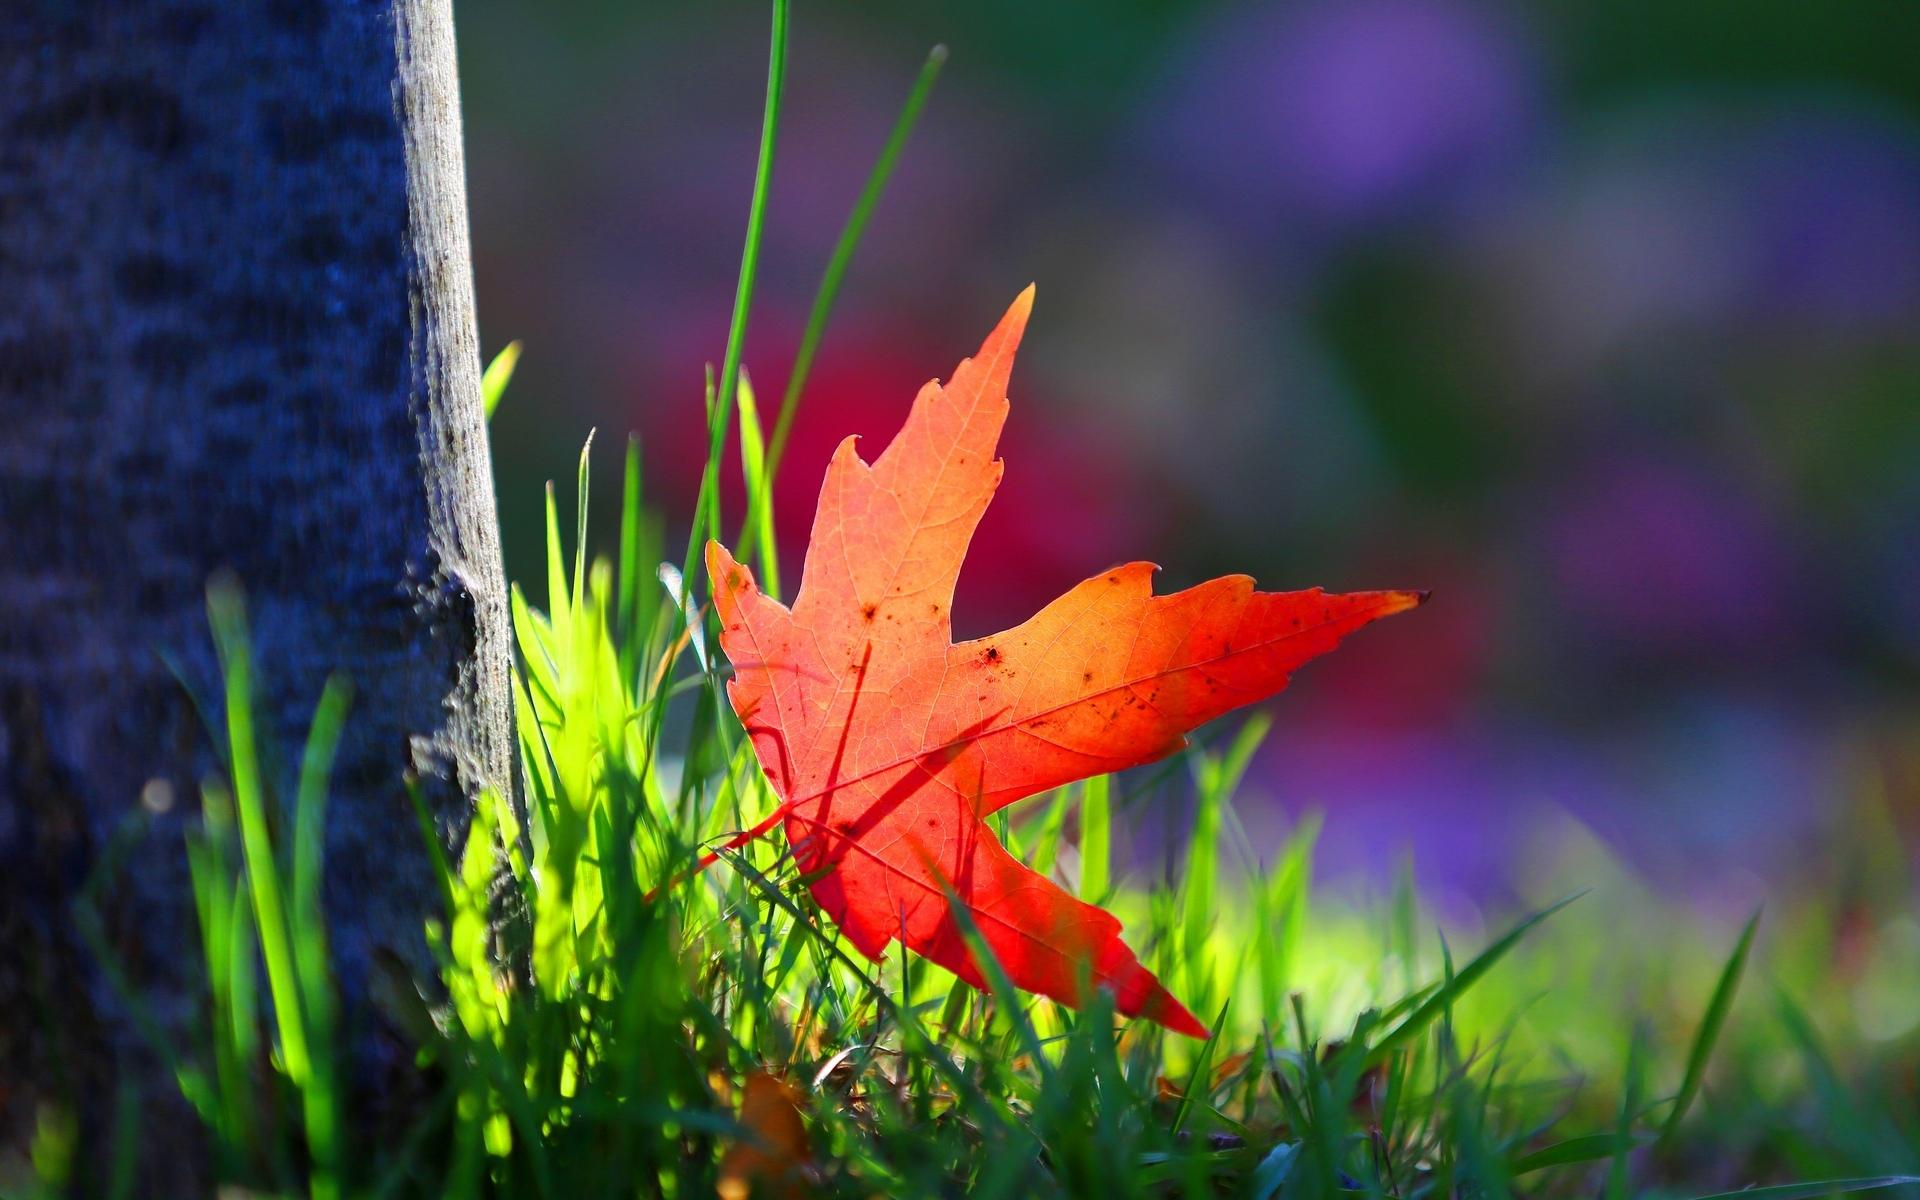 macro wallpaper red leaf